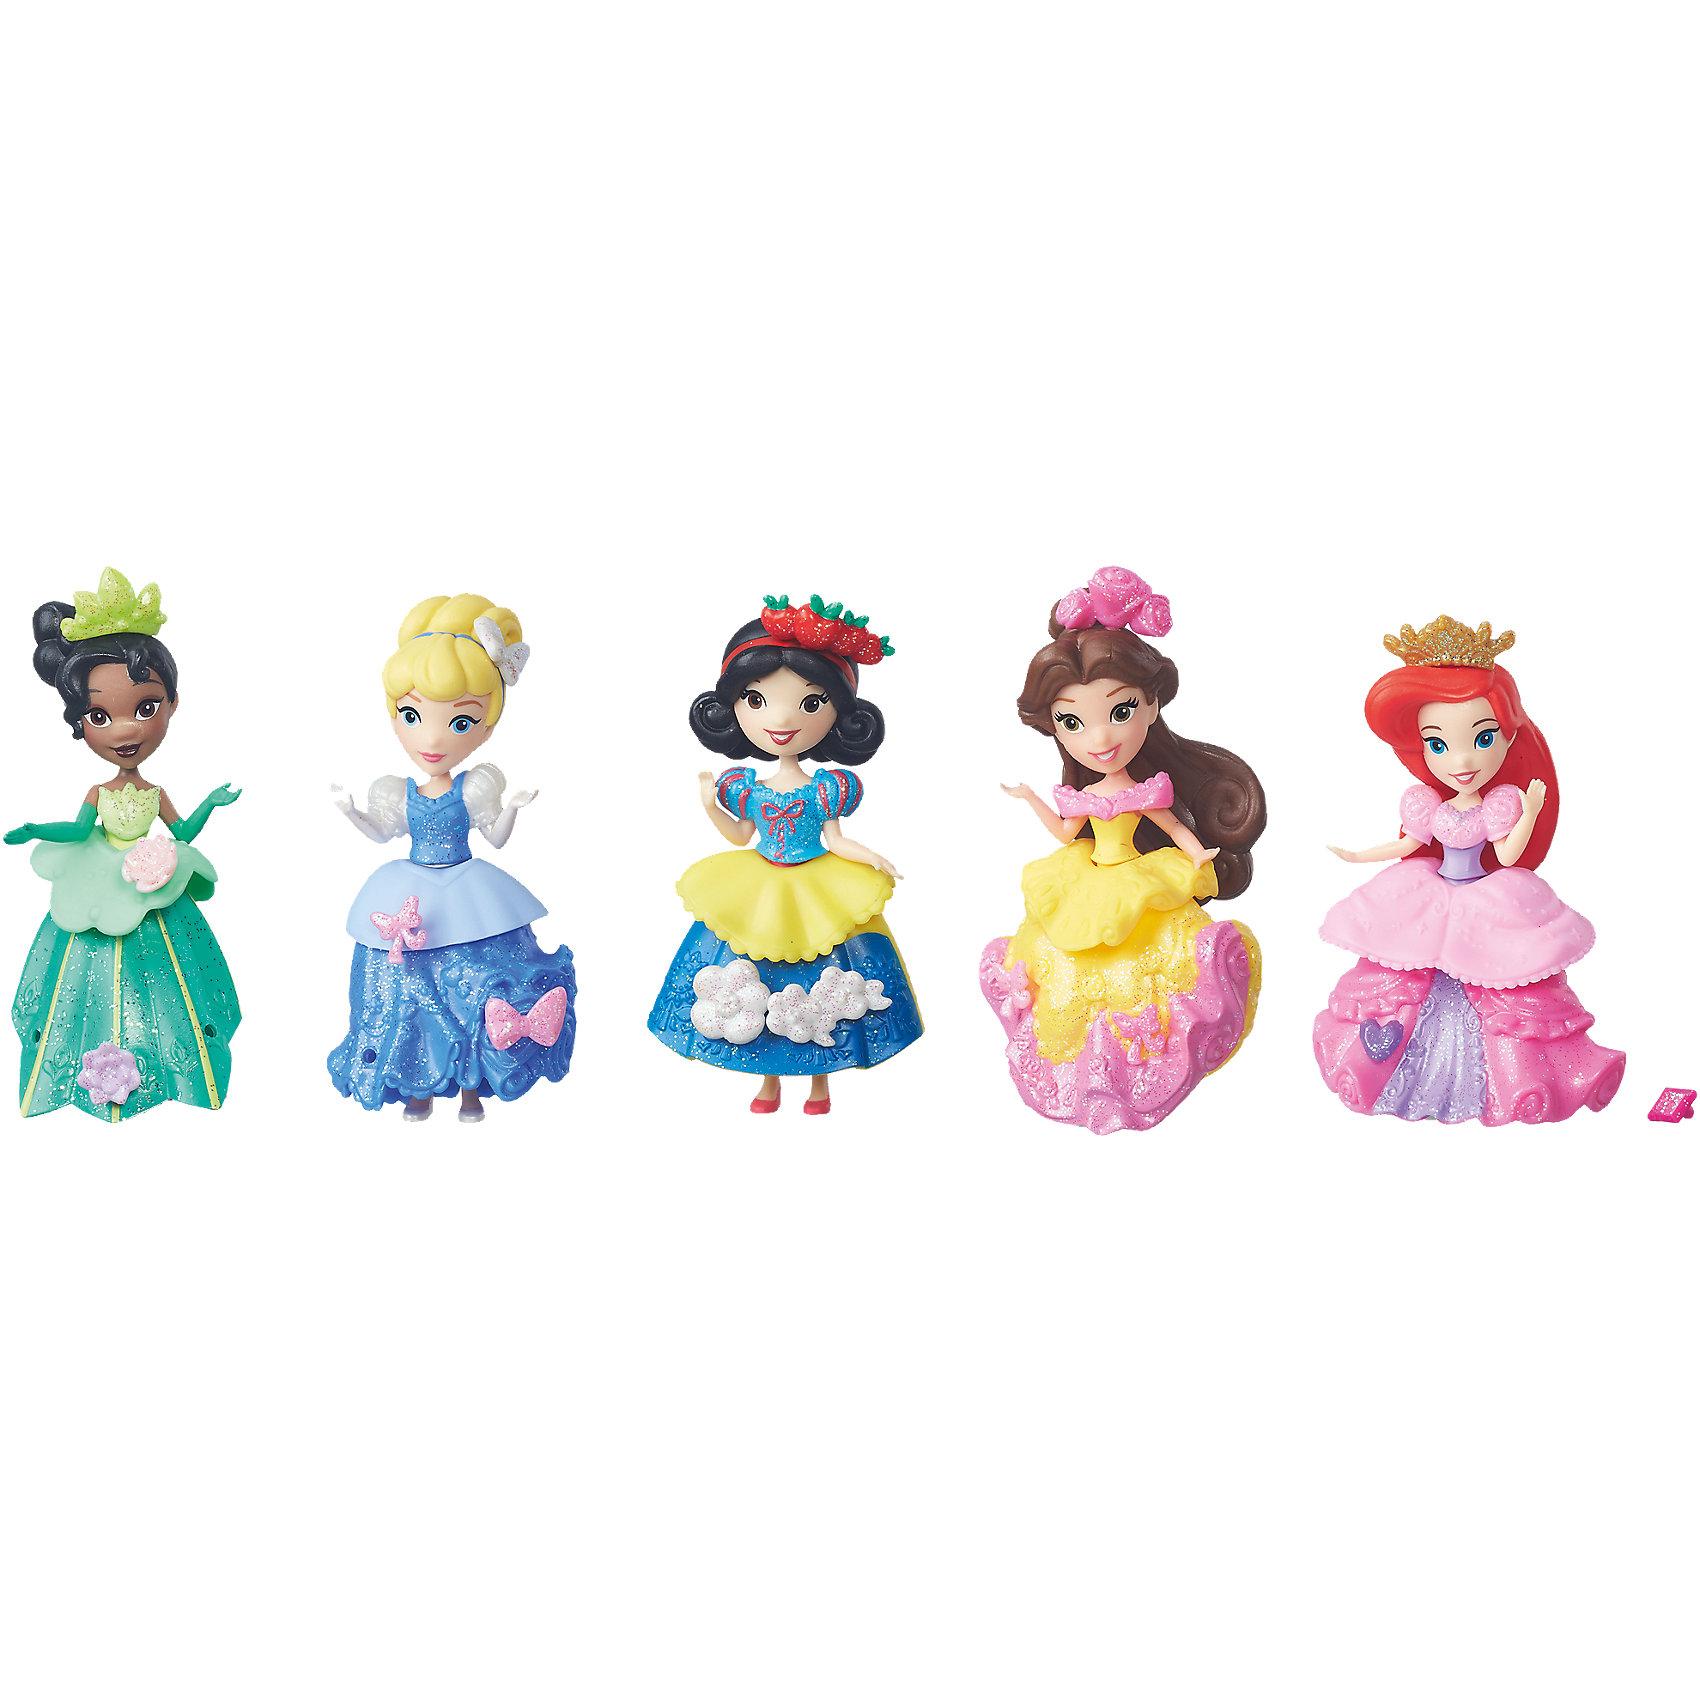 Набориз 5 мини-кукол, Принцессы ДиснейПопулярные игрушки<br><br><br>Ширина мм: 302<br>Глубина мм: 256<br>Высота мм: 63<br>Вес г: 233<br>Возраст от месяцев: 36<br>Возраст до месяцев: 72<br>Пол: Женский<br>Возраст: Детский<br>SKU: 4351515